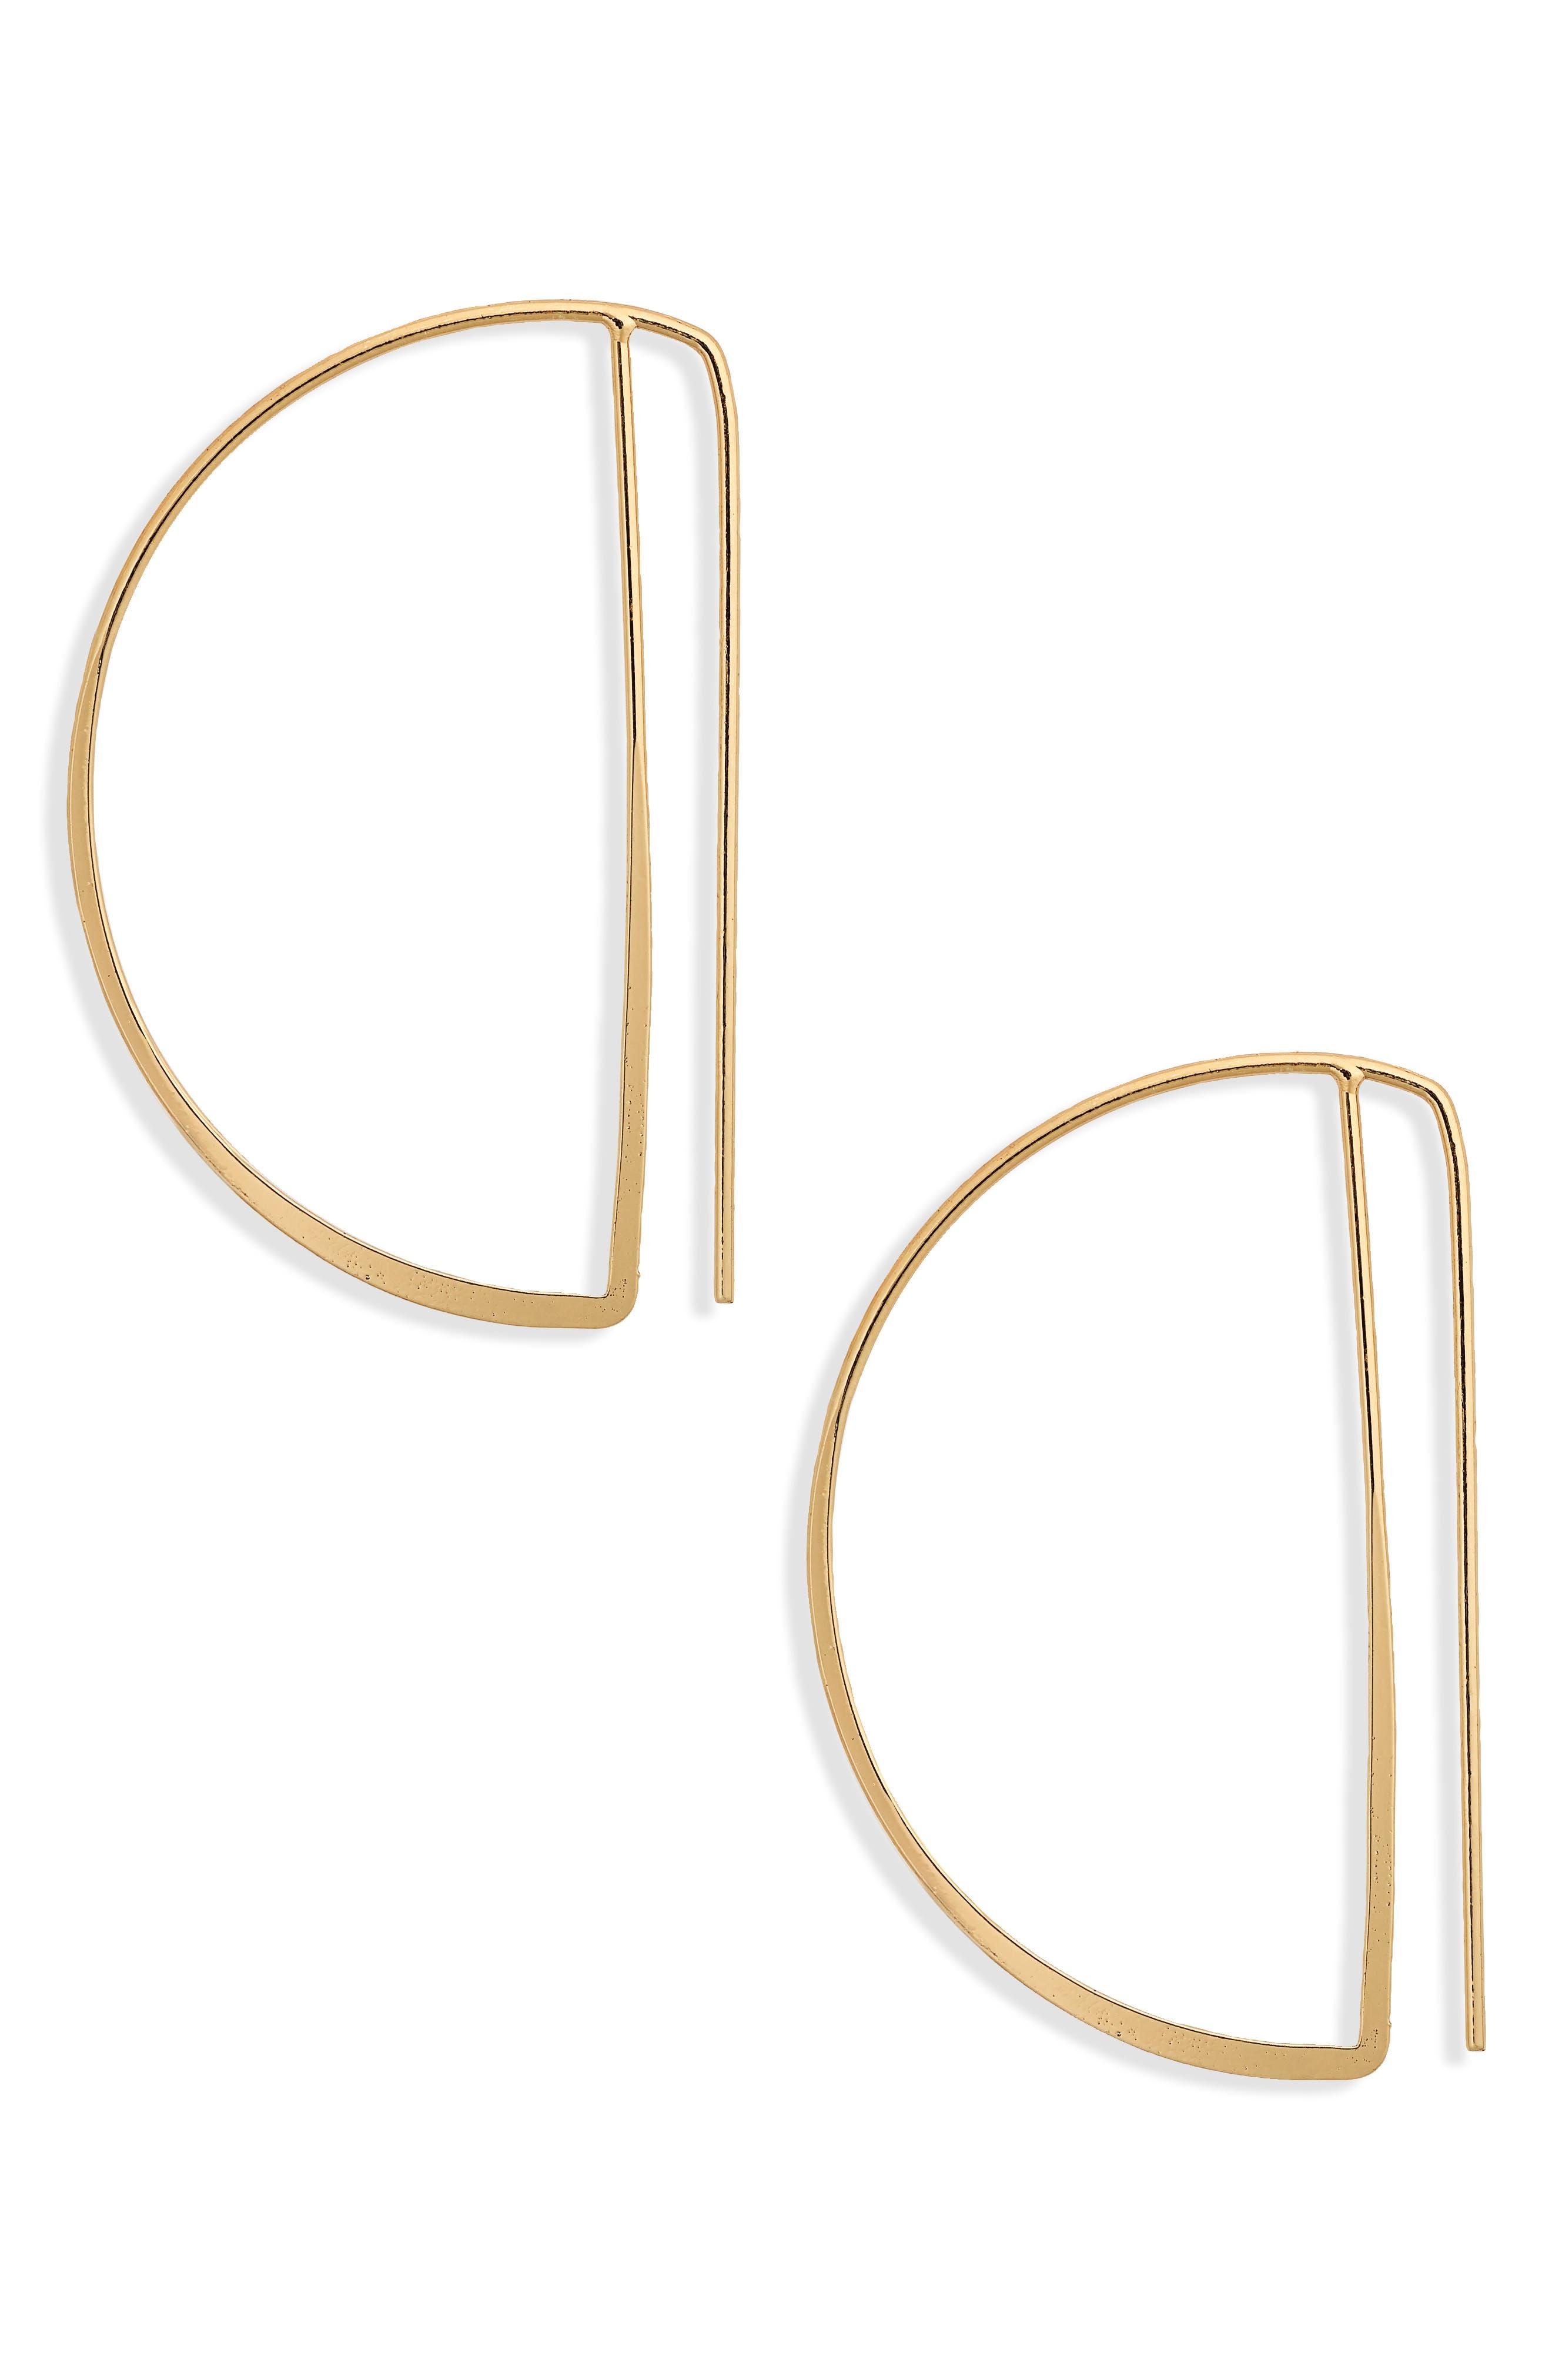 Geo Half Hoop Earrings,                         Main,                         color, Gold